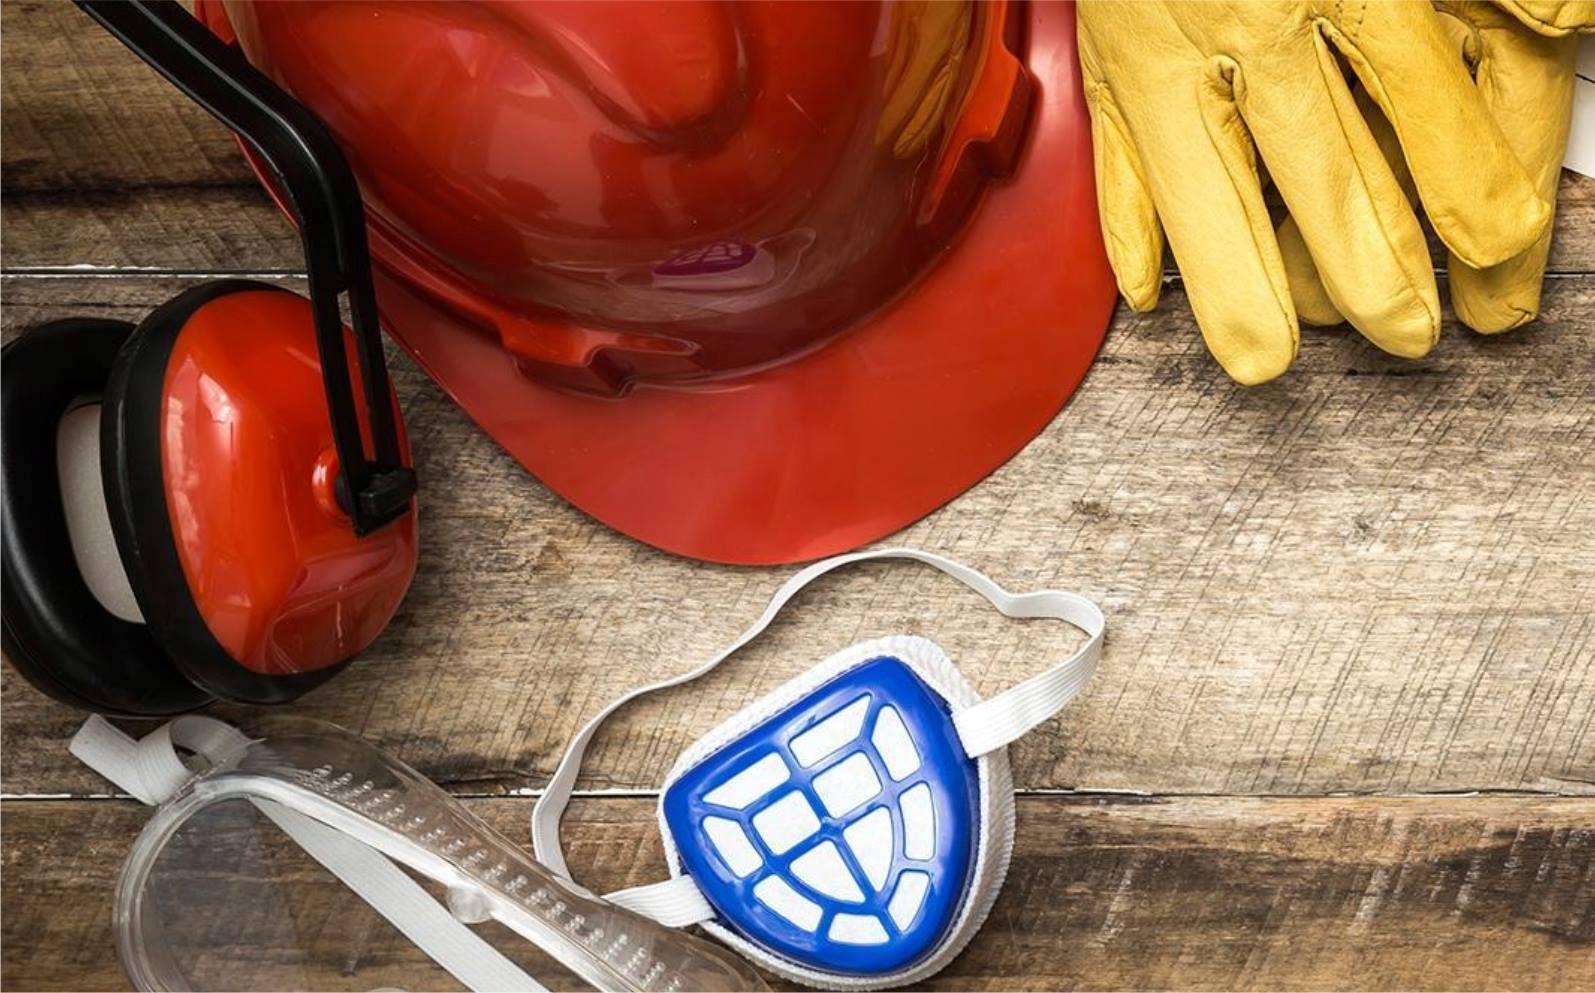 Você conhece a especialização em Engenharia de Segurança no Trabalho?